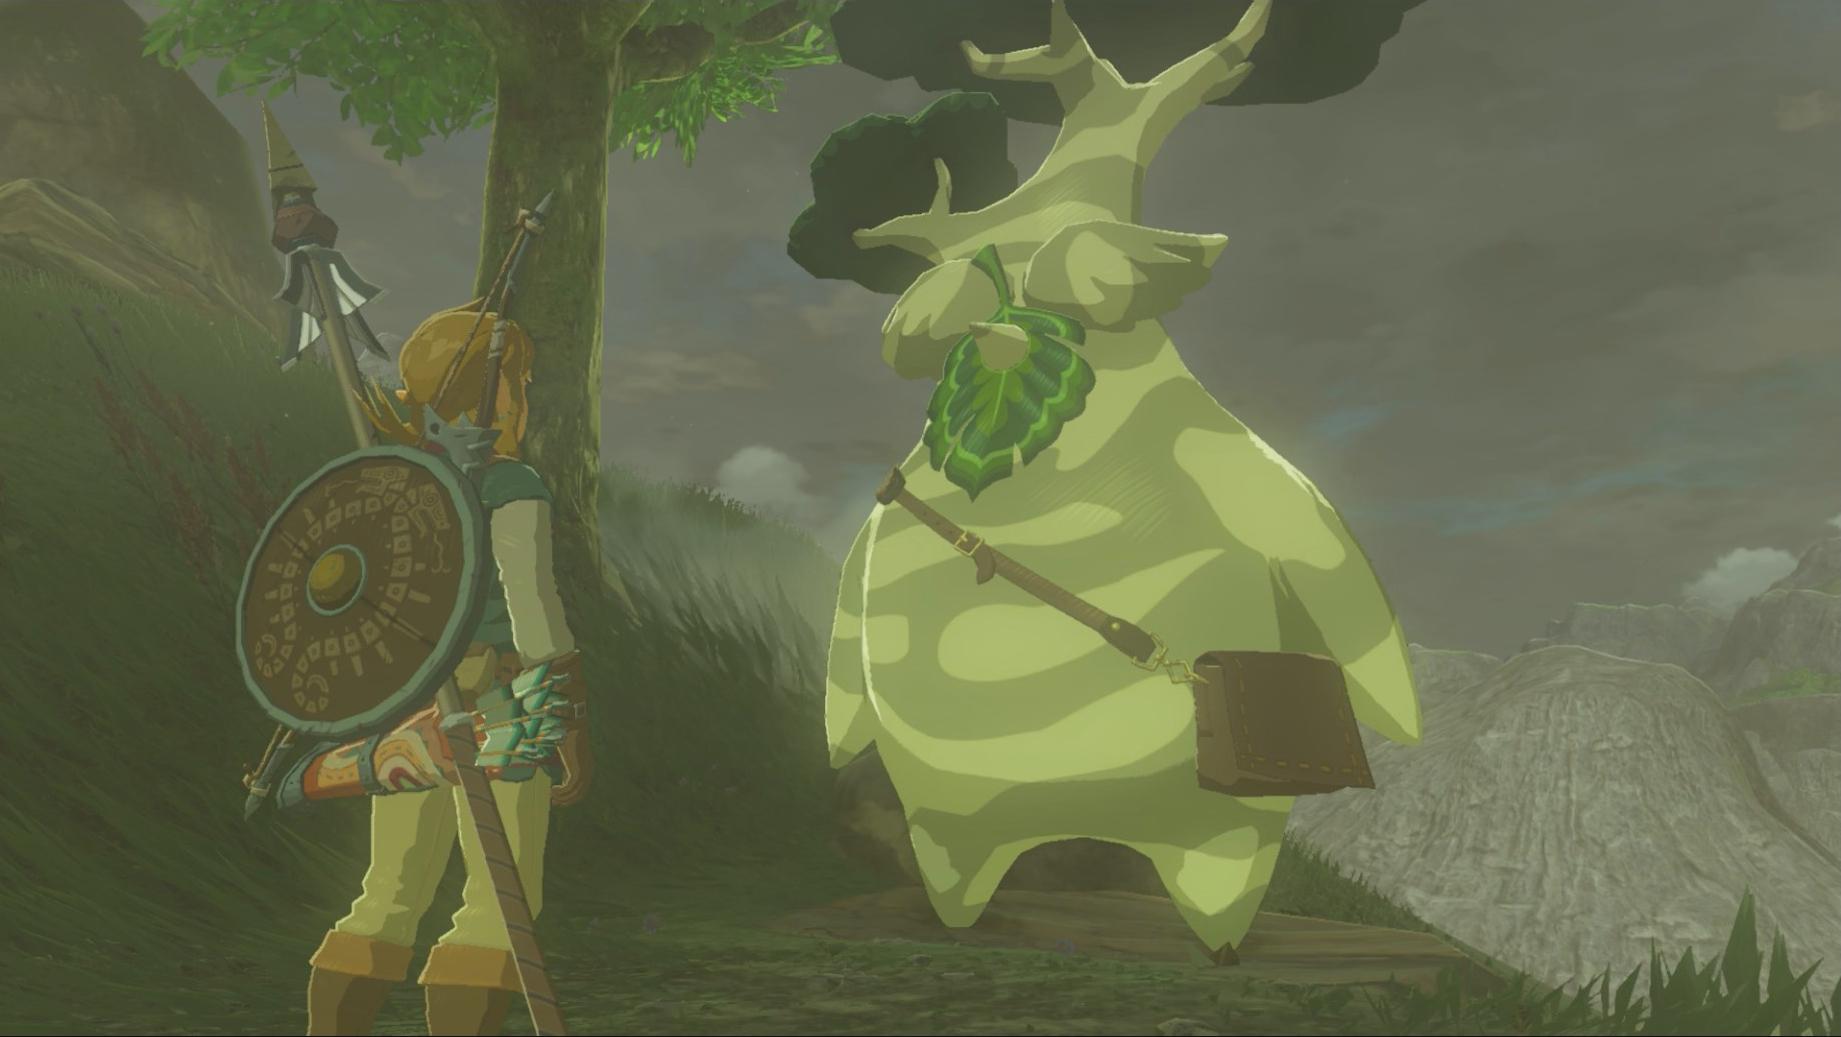 Zelda Wind Waker Karte.Breath Of The Wild Korok Seed Locations Zelda Dungeon